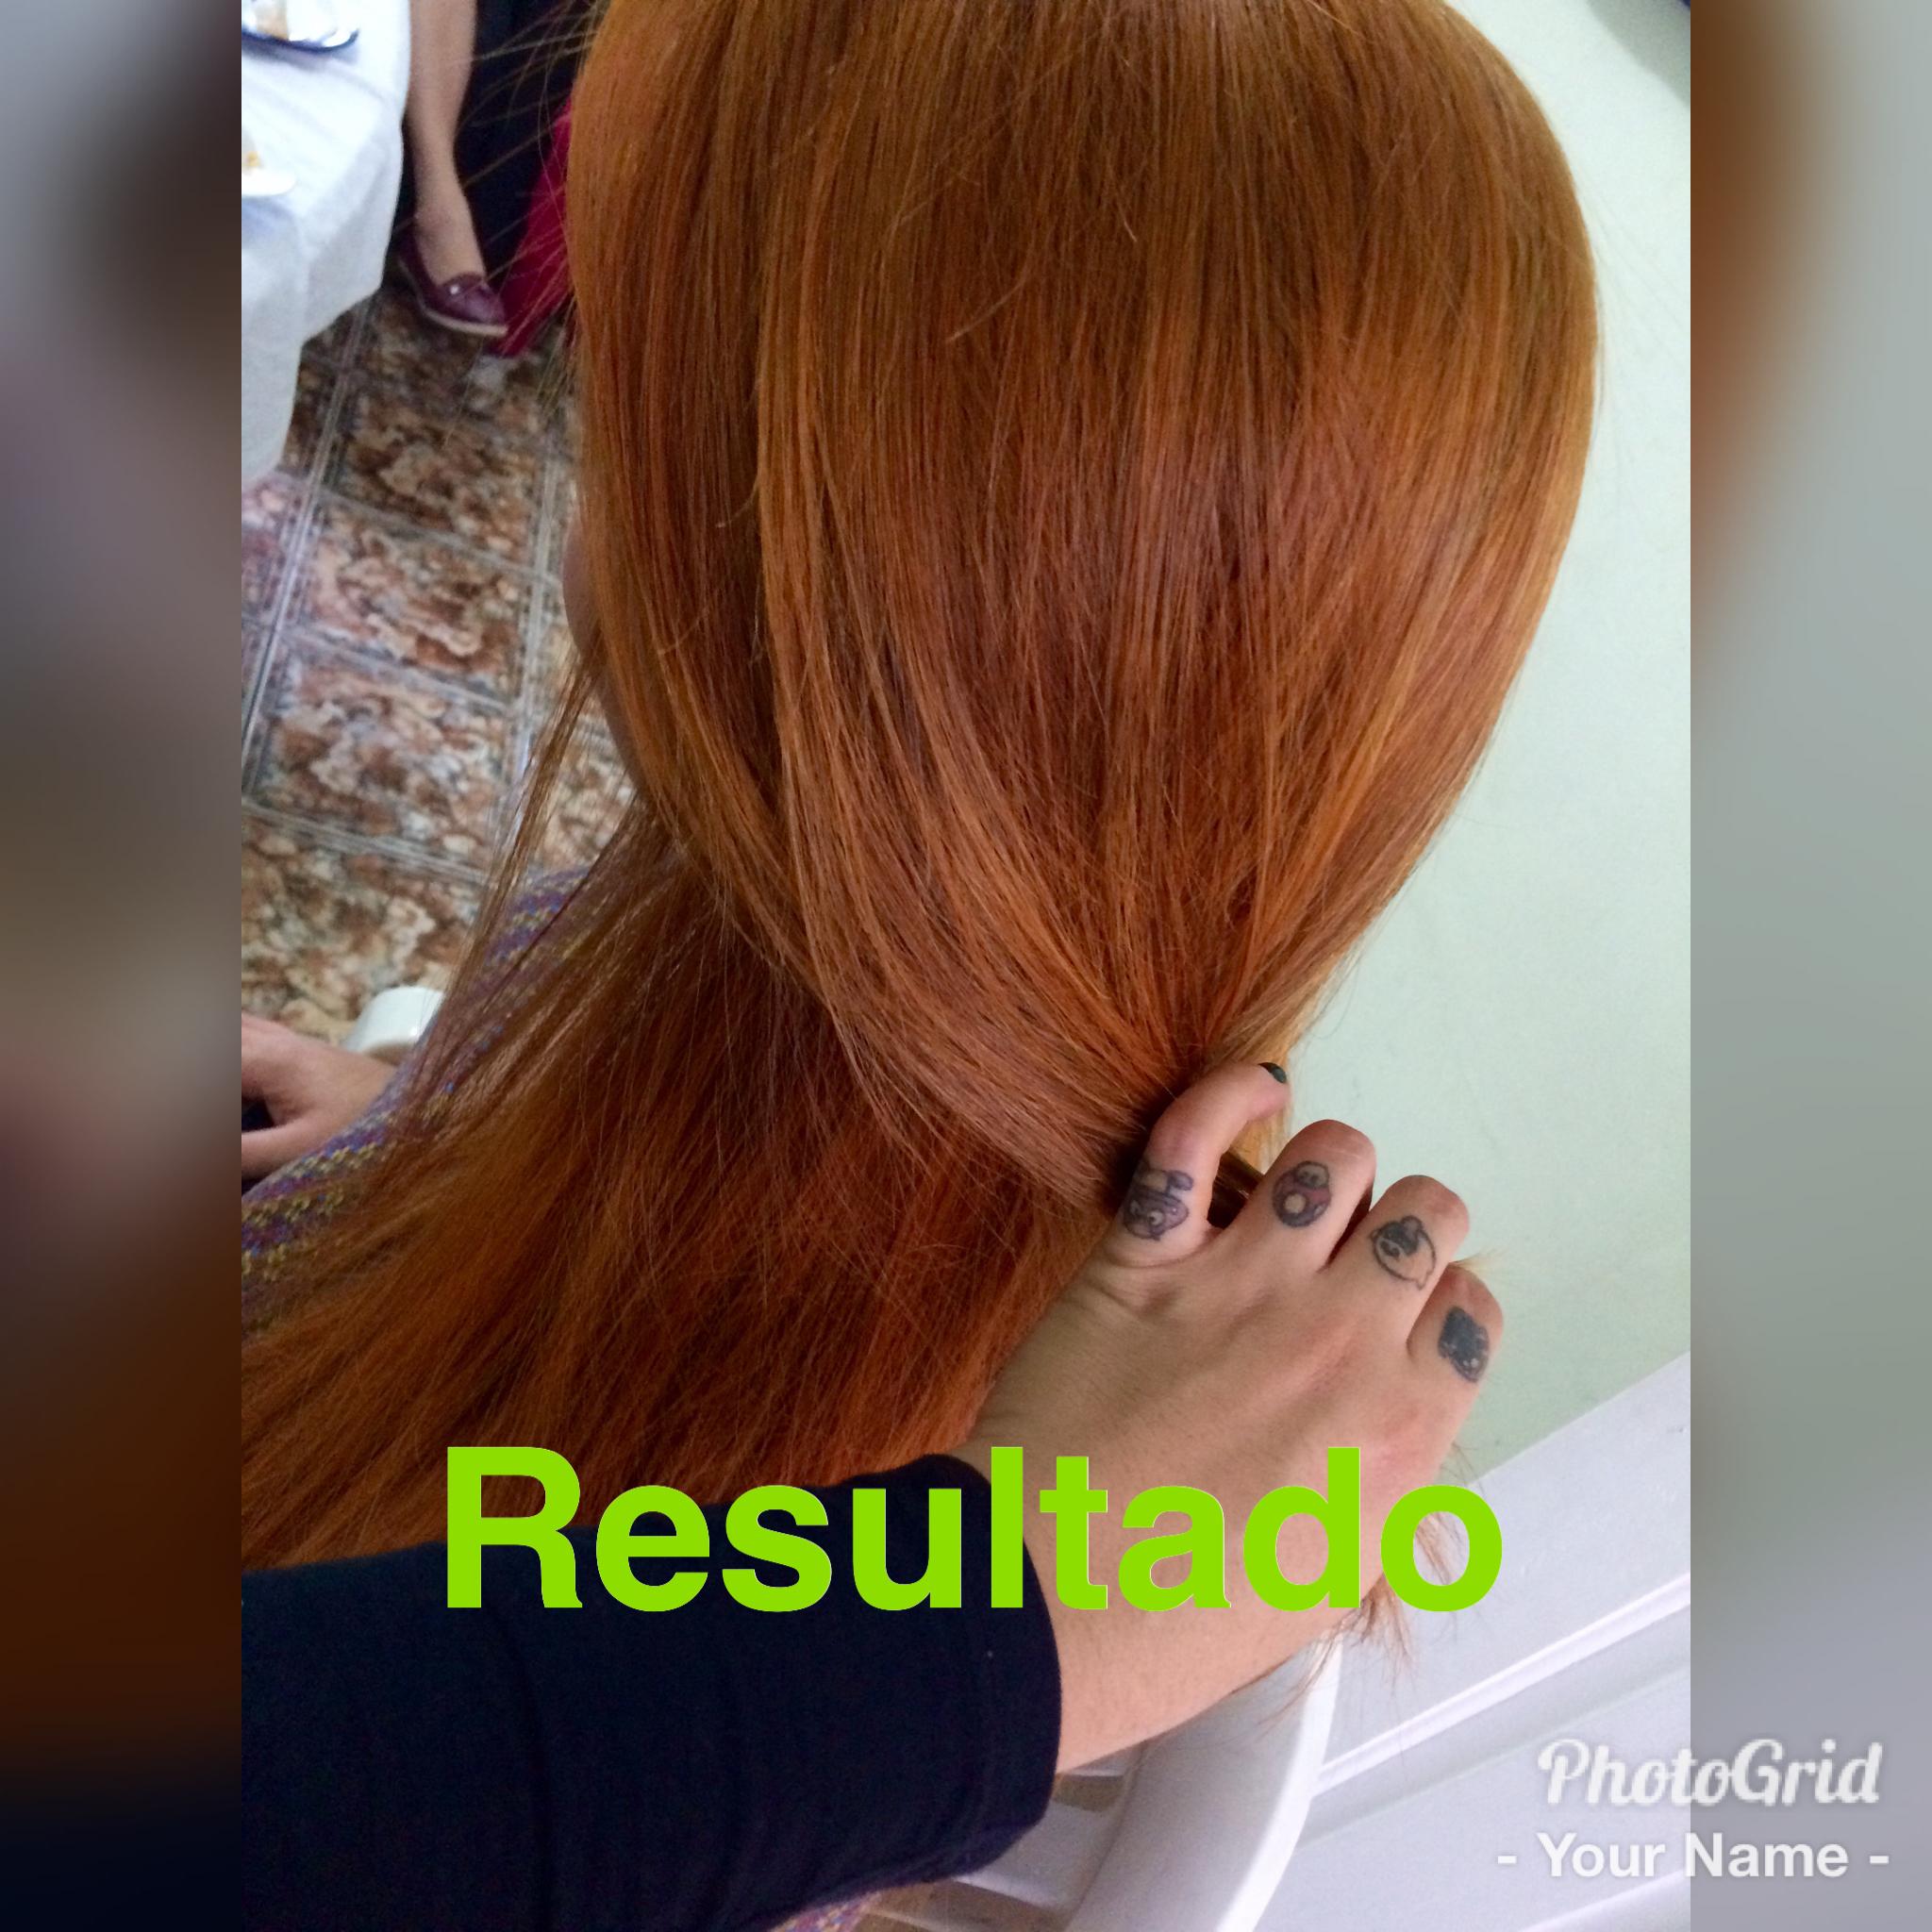 #redhead #ruivos #satisfação  cabelo auxiliar cabeleireiro(a)